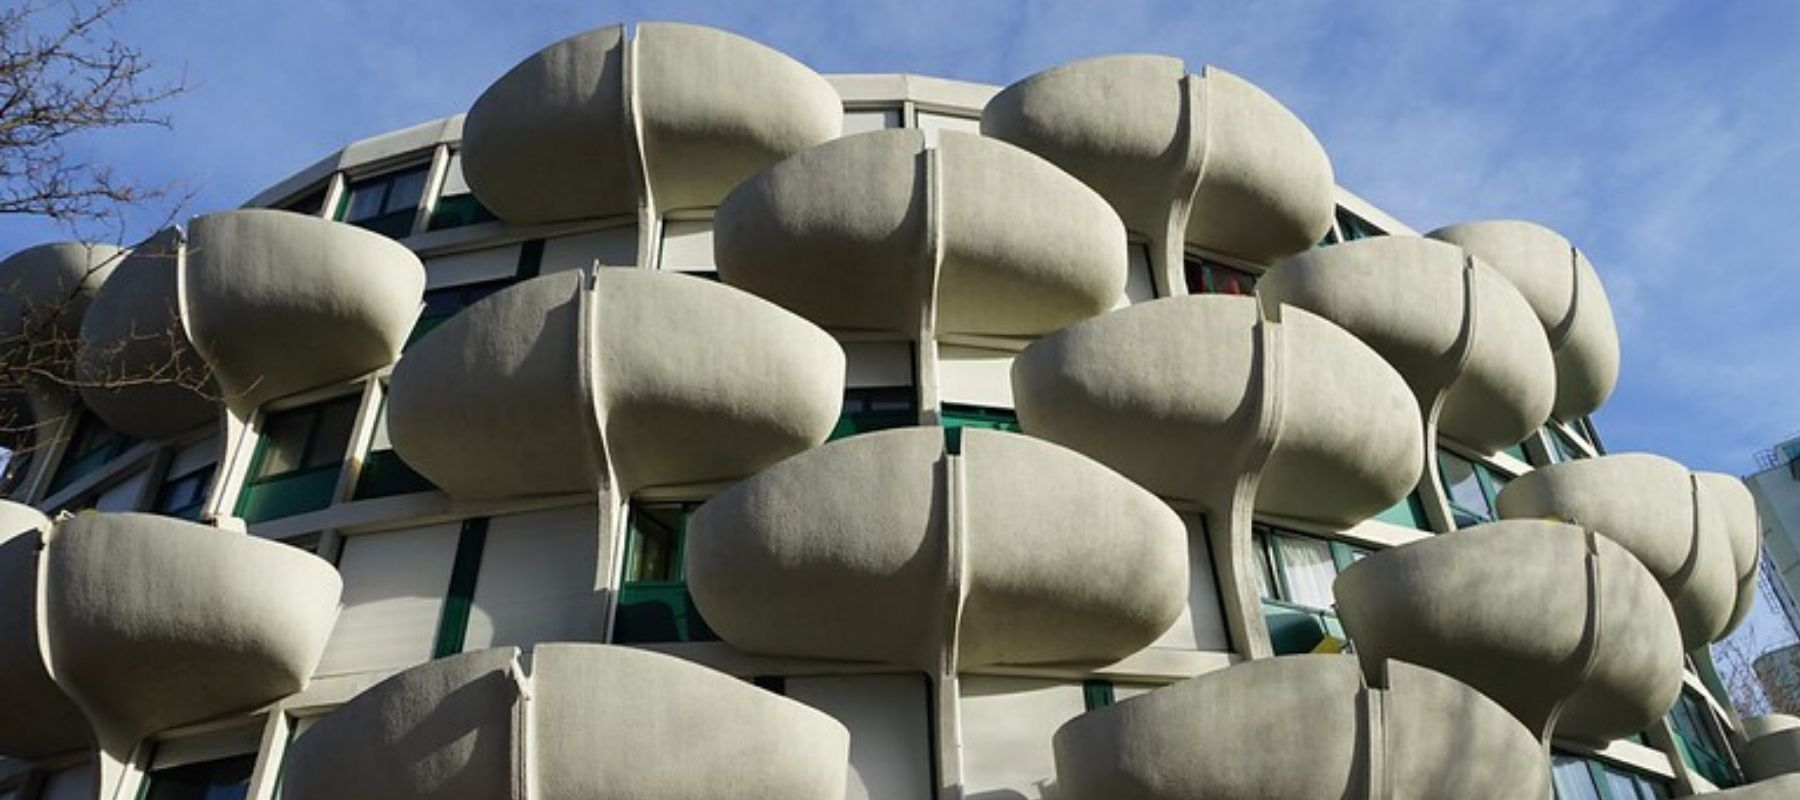 Les choux de Créteil, l'architecture florale de Gérard Grandval